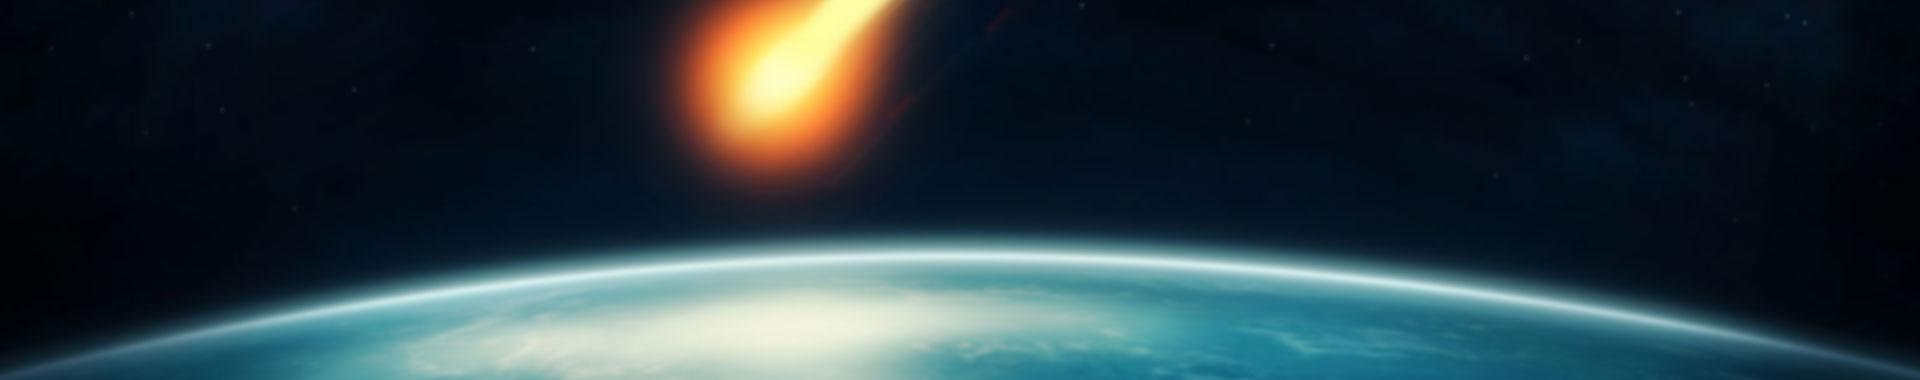 macrosystem casablanca meteor